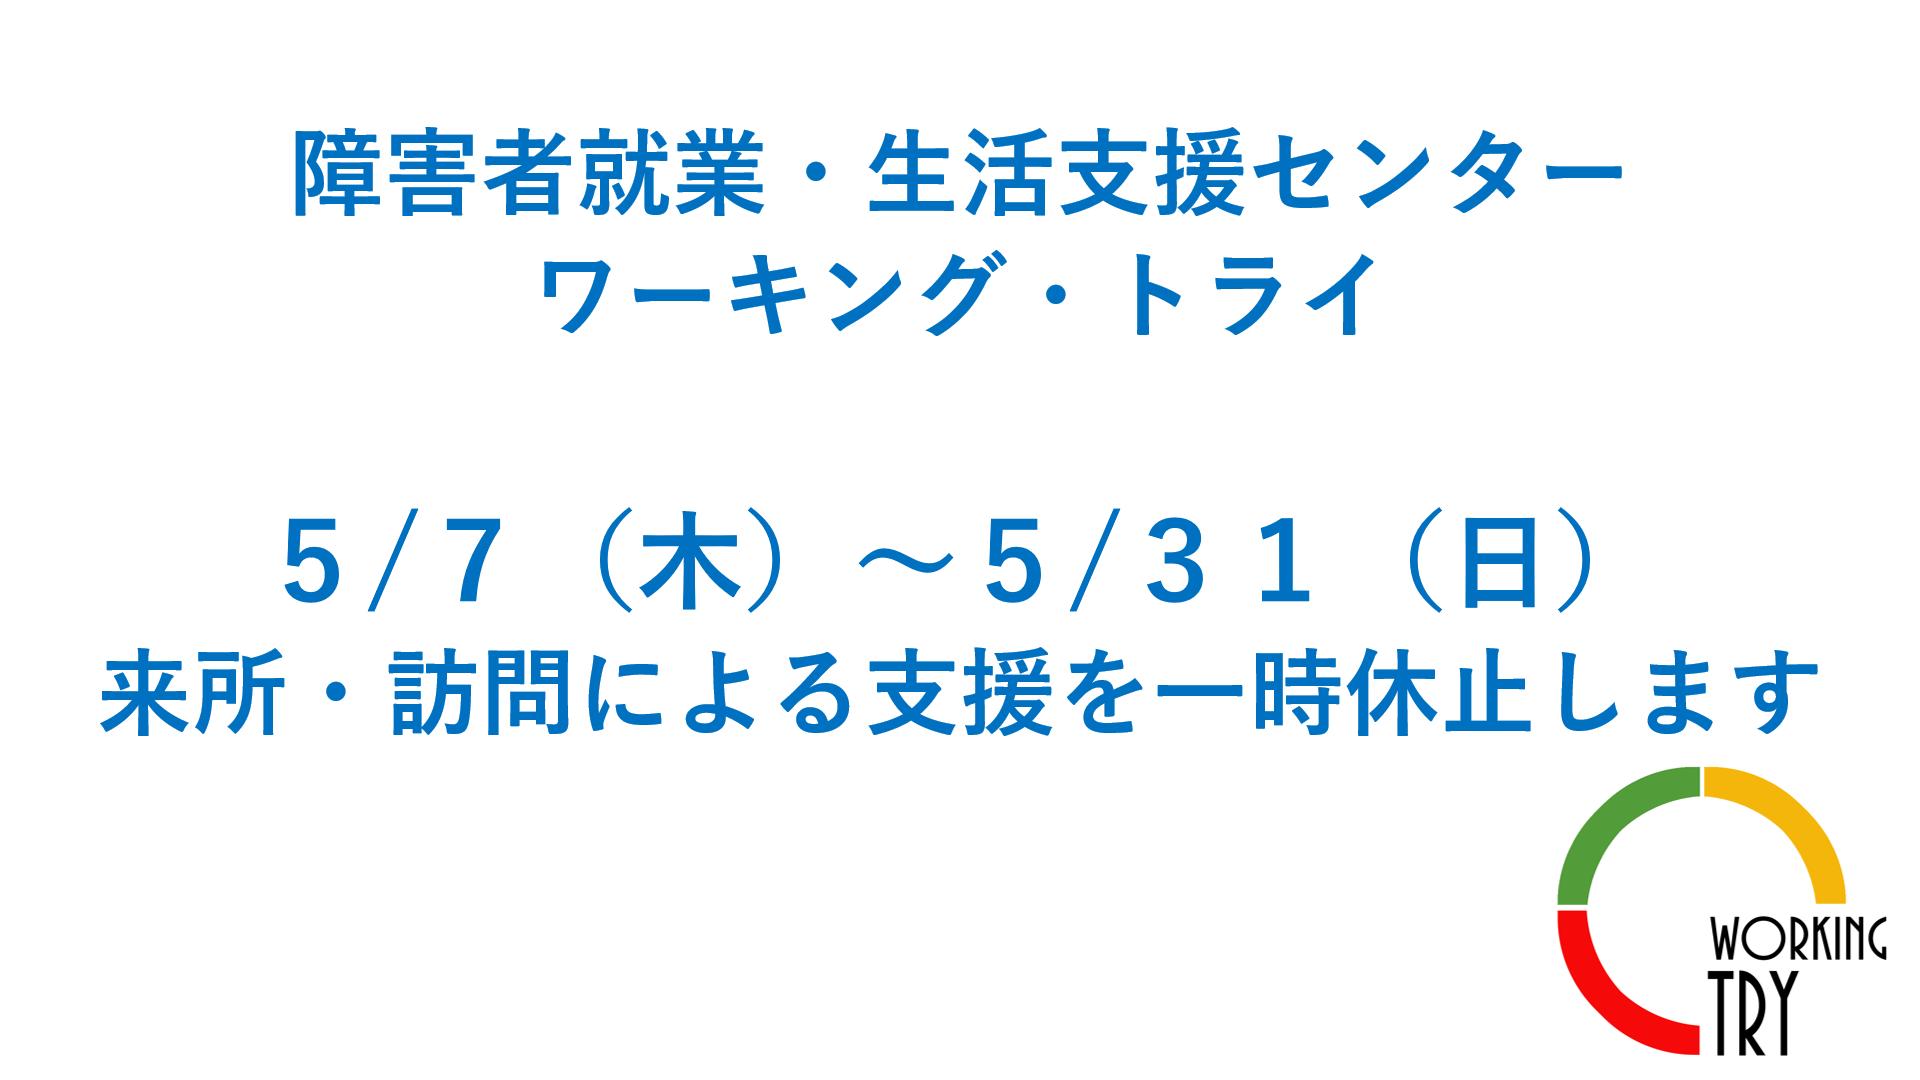 5/7(木)~5/31(日)まで支援休止のお知らせ